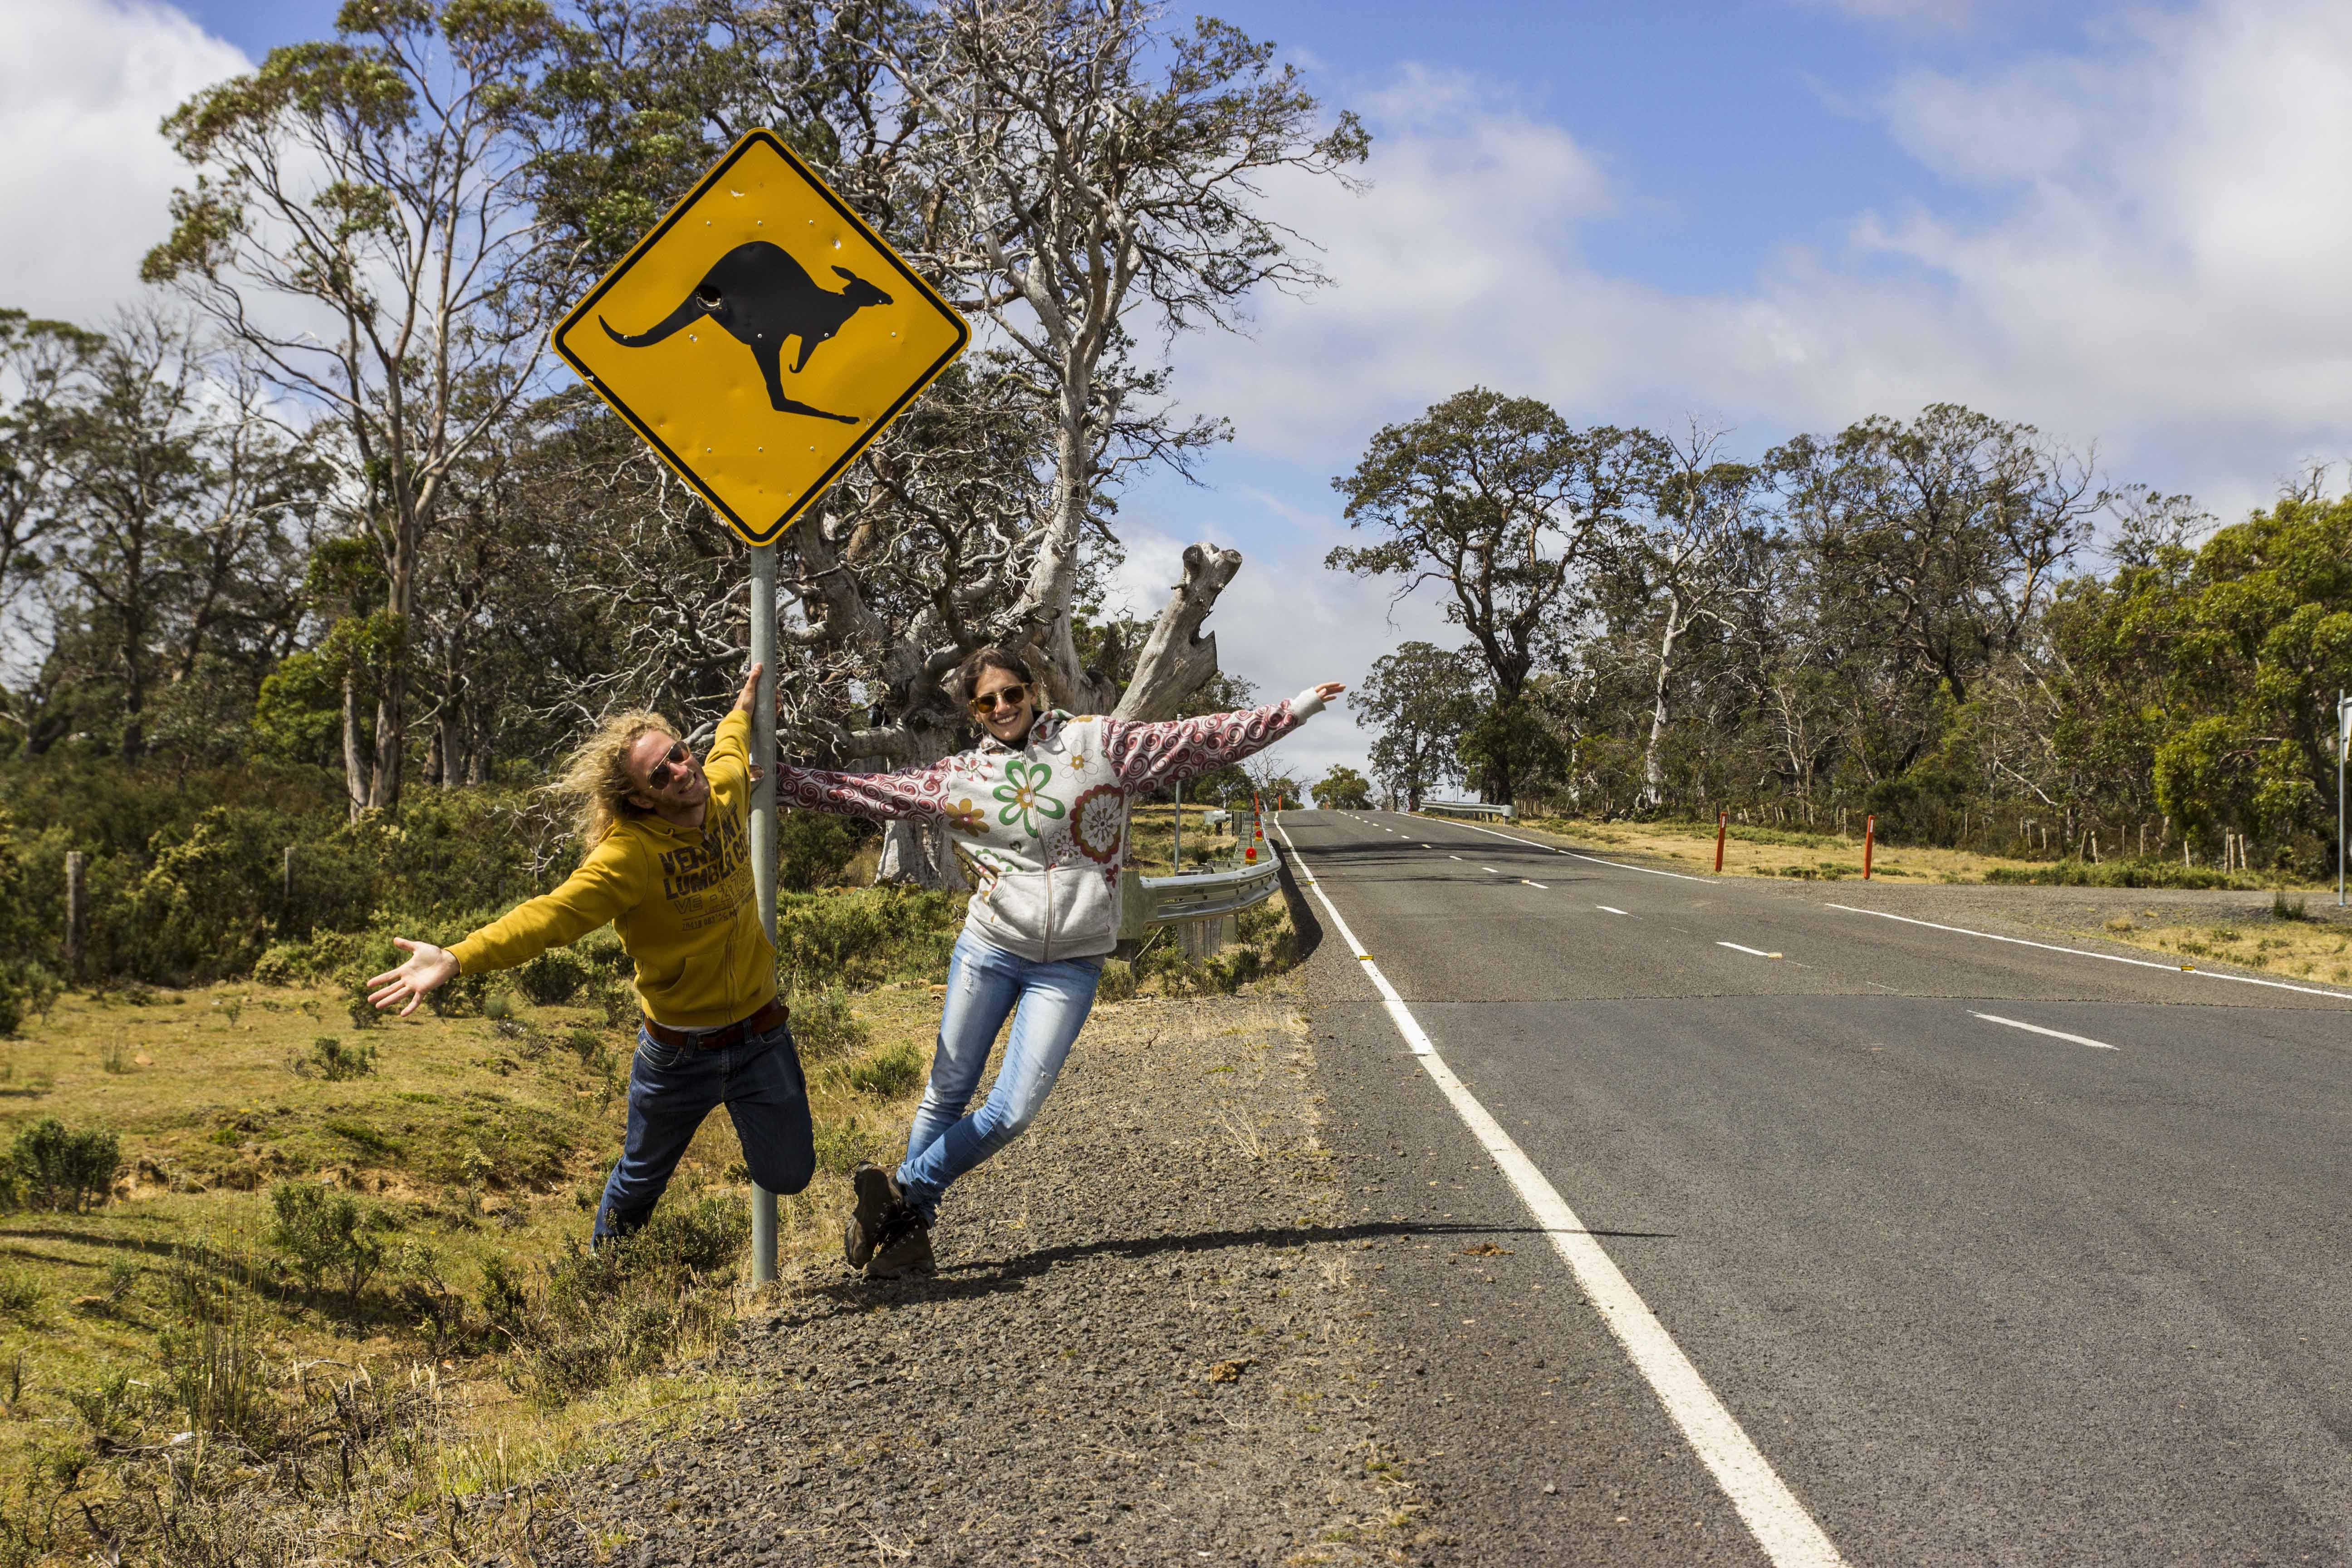 Alla scoperta dell'Australia con i ragazzi di In Viaggio Col Tubo